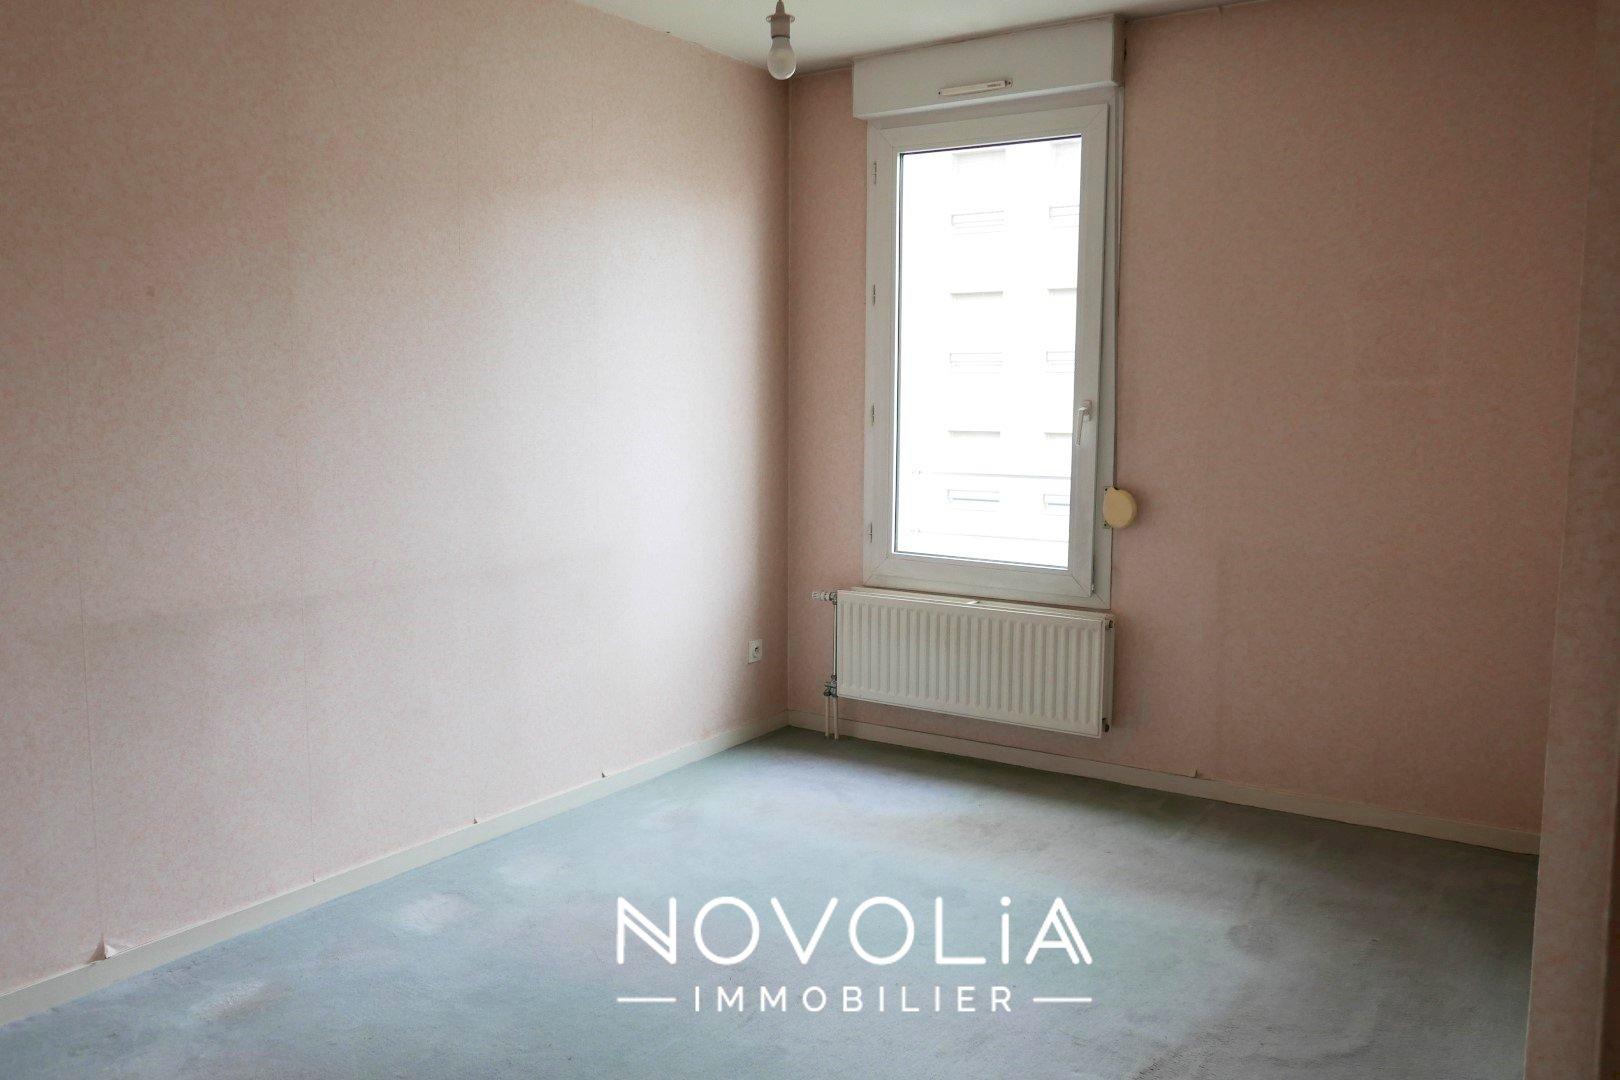 Achat Appartement, Surface de 118.57 m²/ Total carrez : 118.57 m², 6 pièces, Villeurbanne (69100)